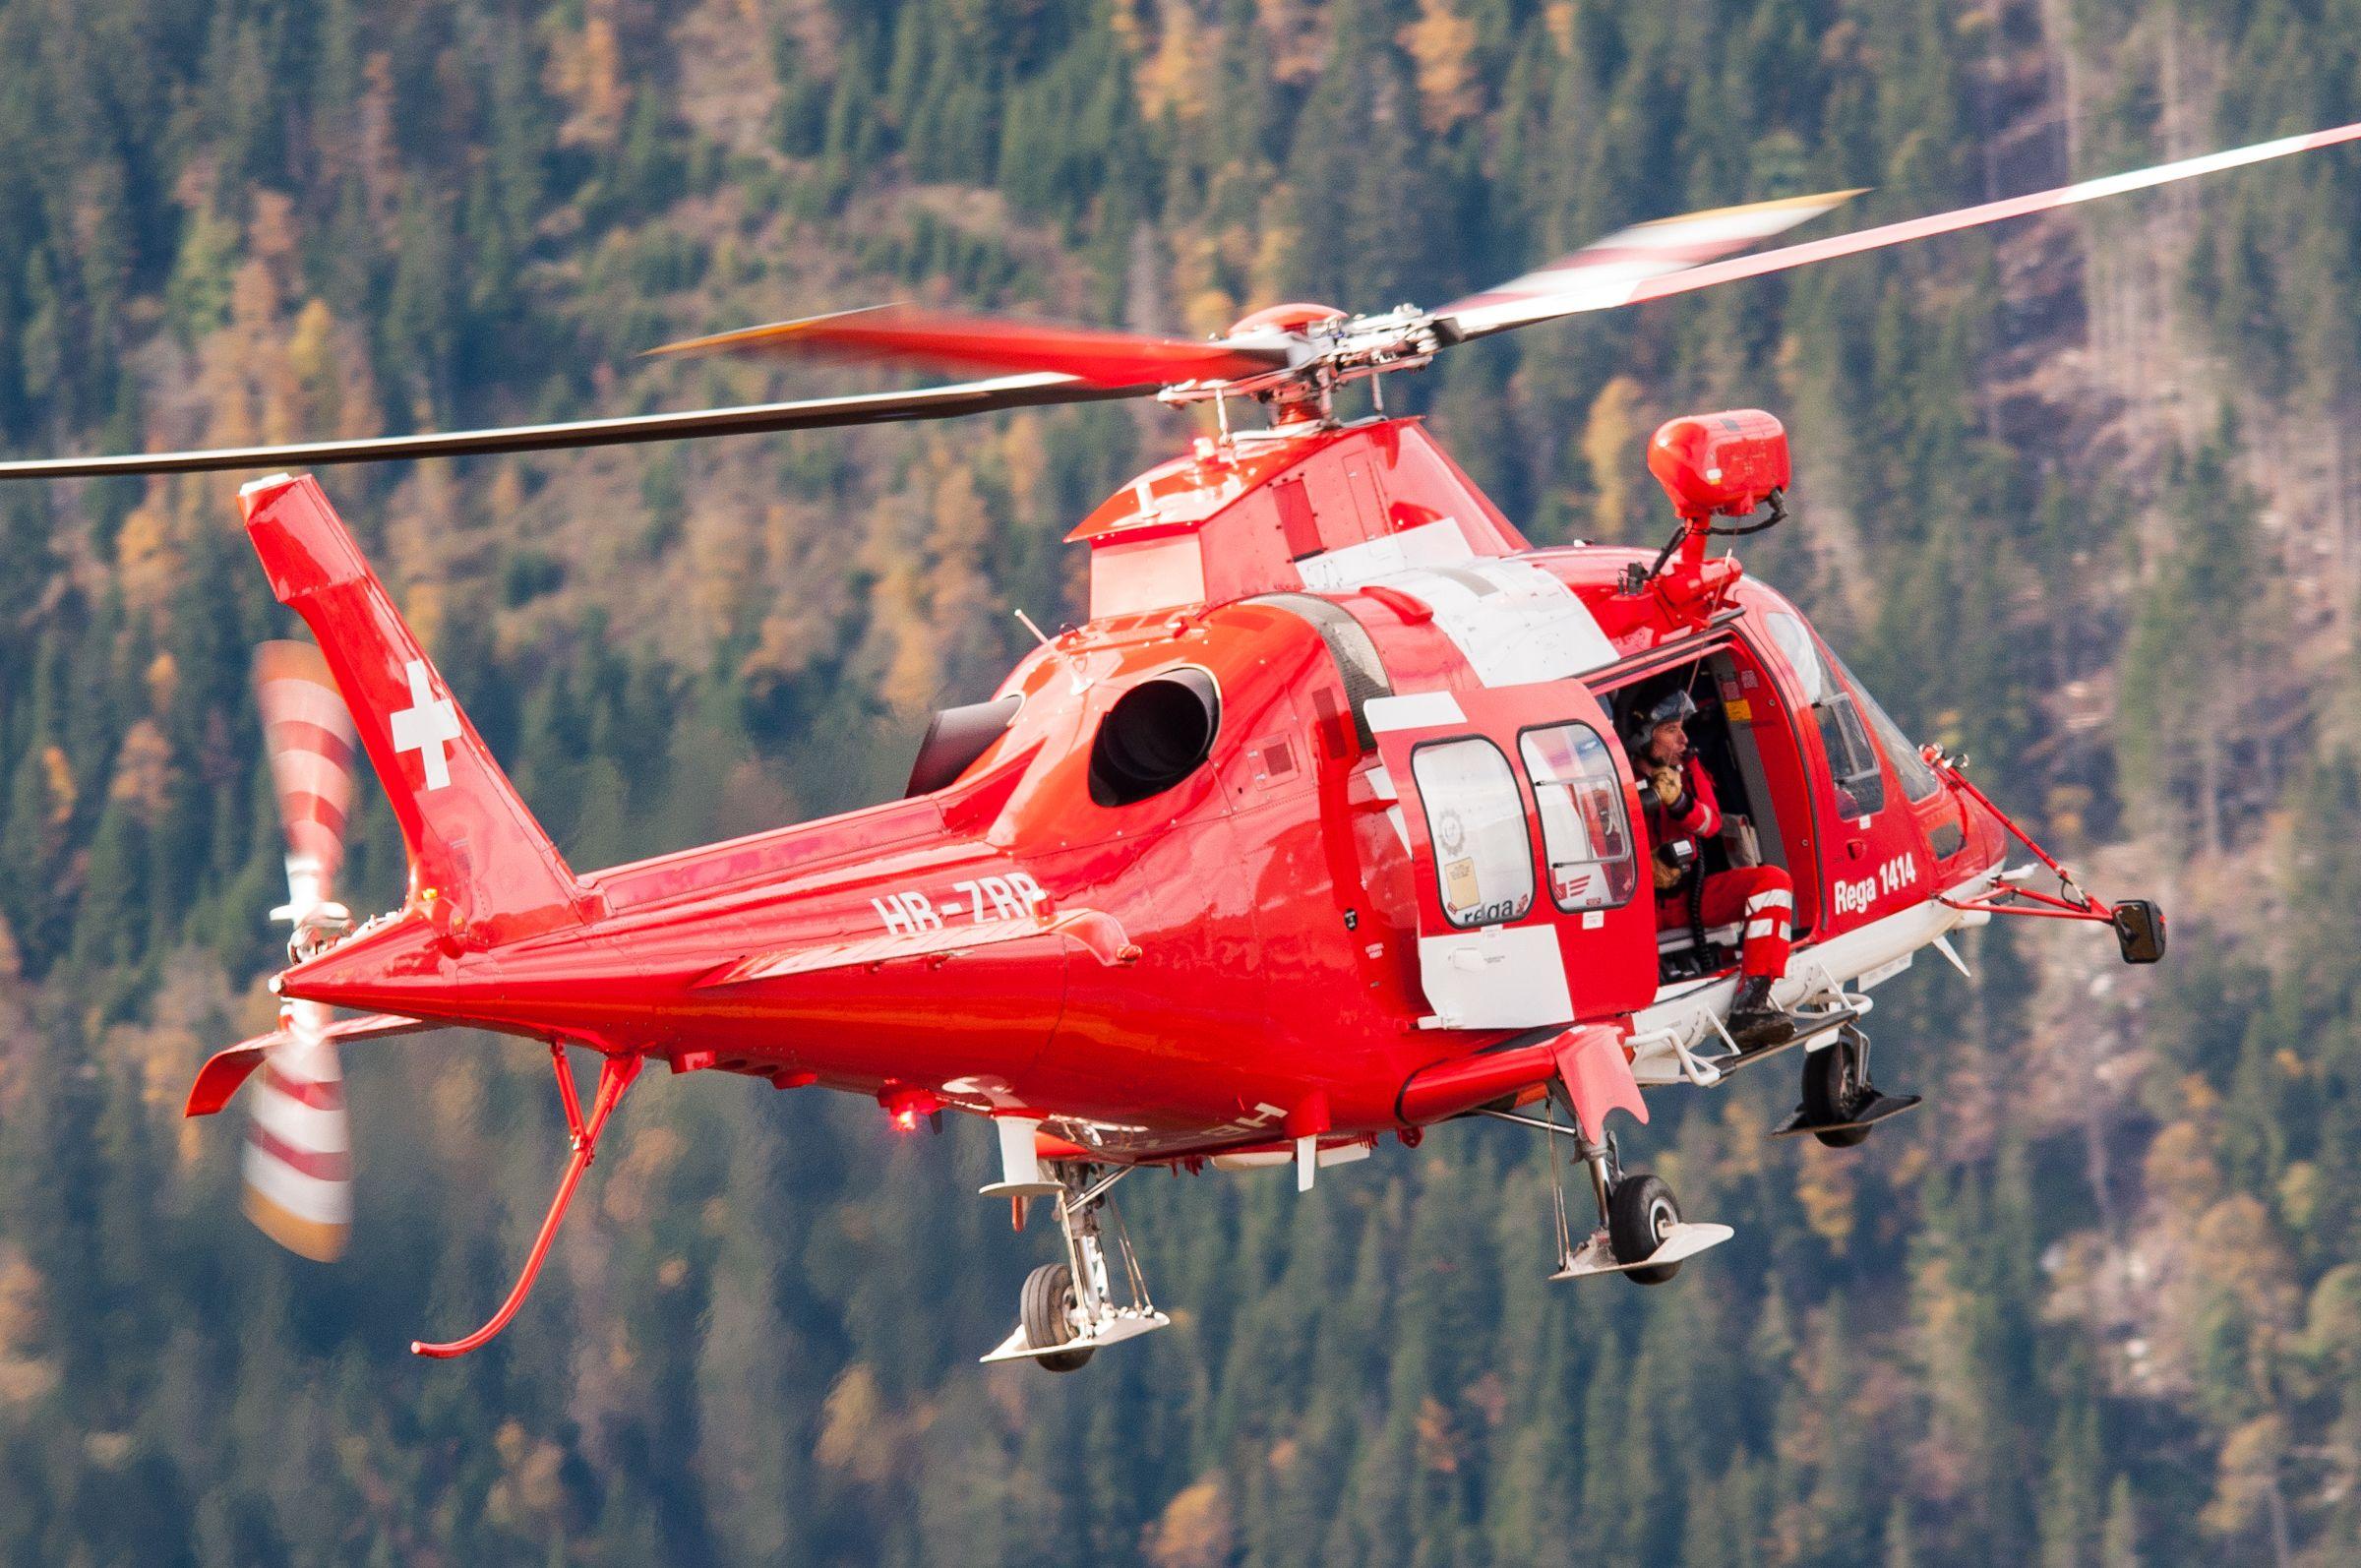 Air force live fire event Axalp 2012 - 10-11 Oct 2012 - Pagina 2 000182a